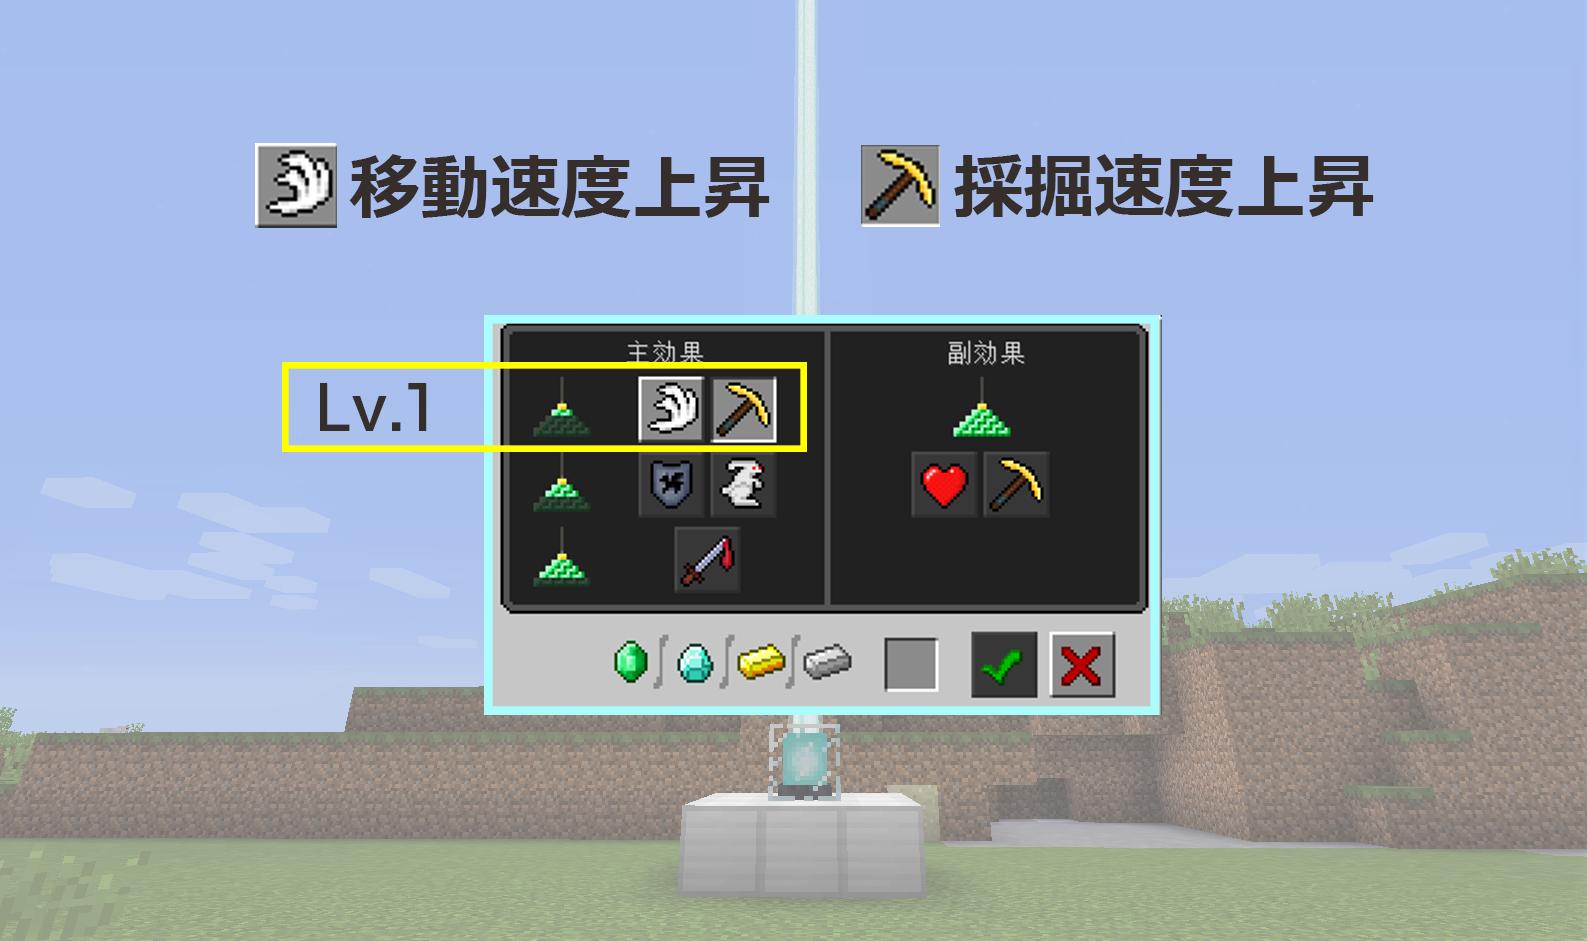 効果Lv1.png